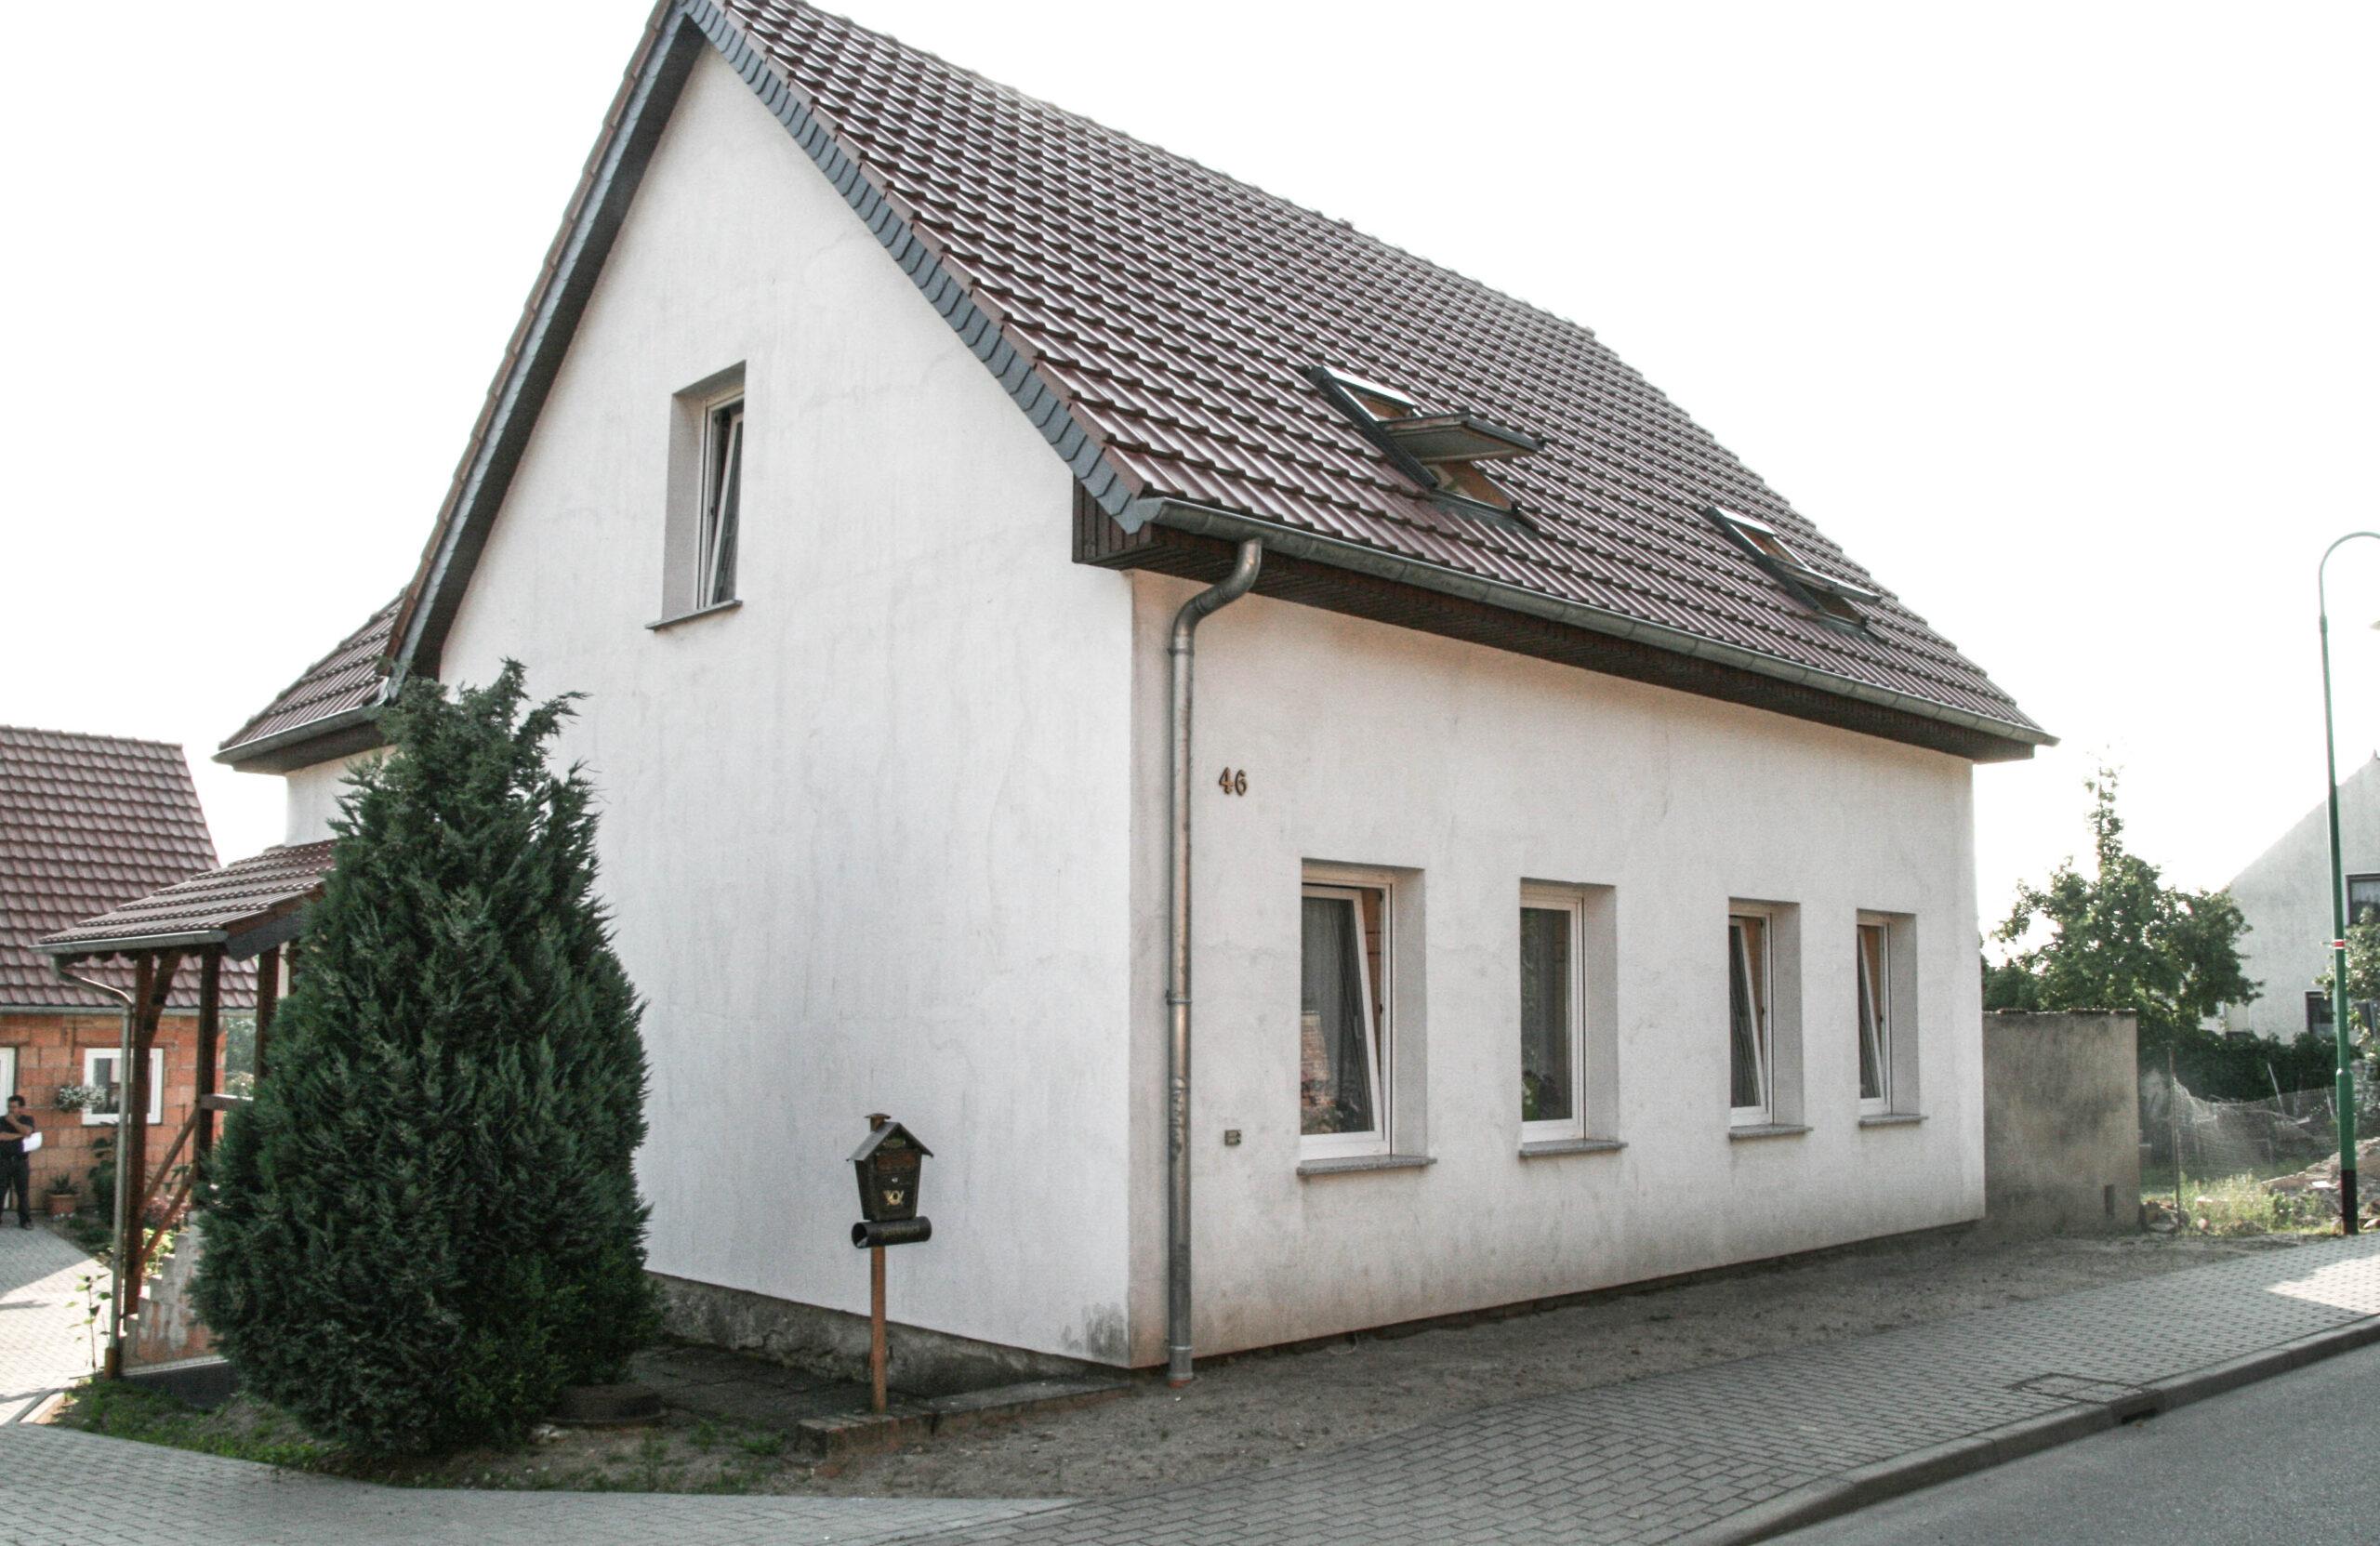 Fassadensanierung Berliner Umgebung